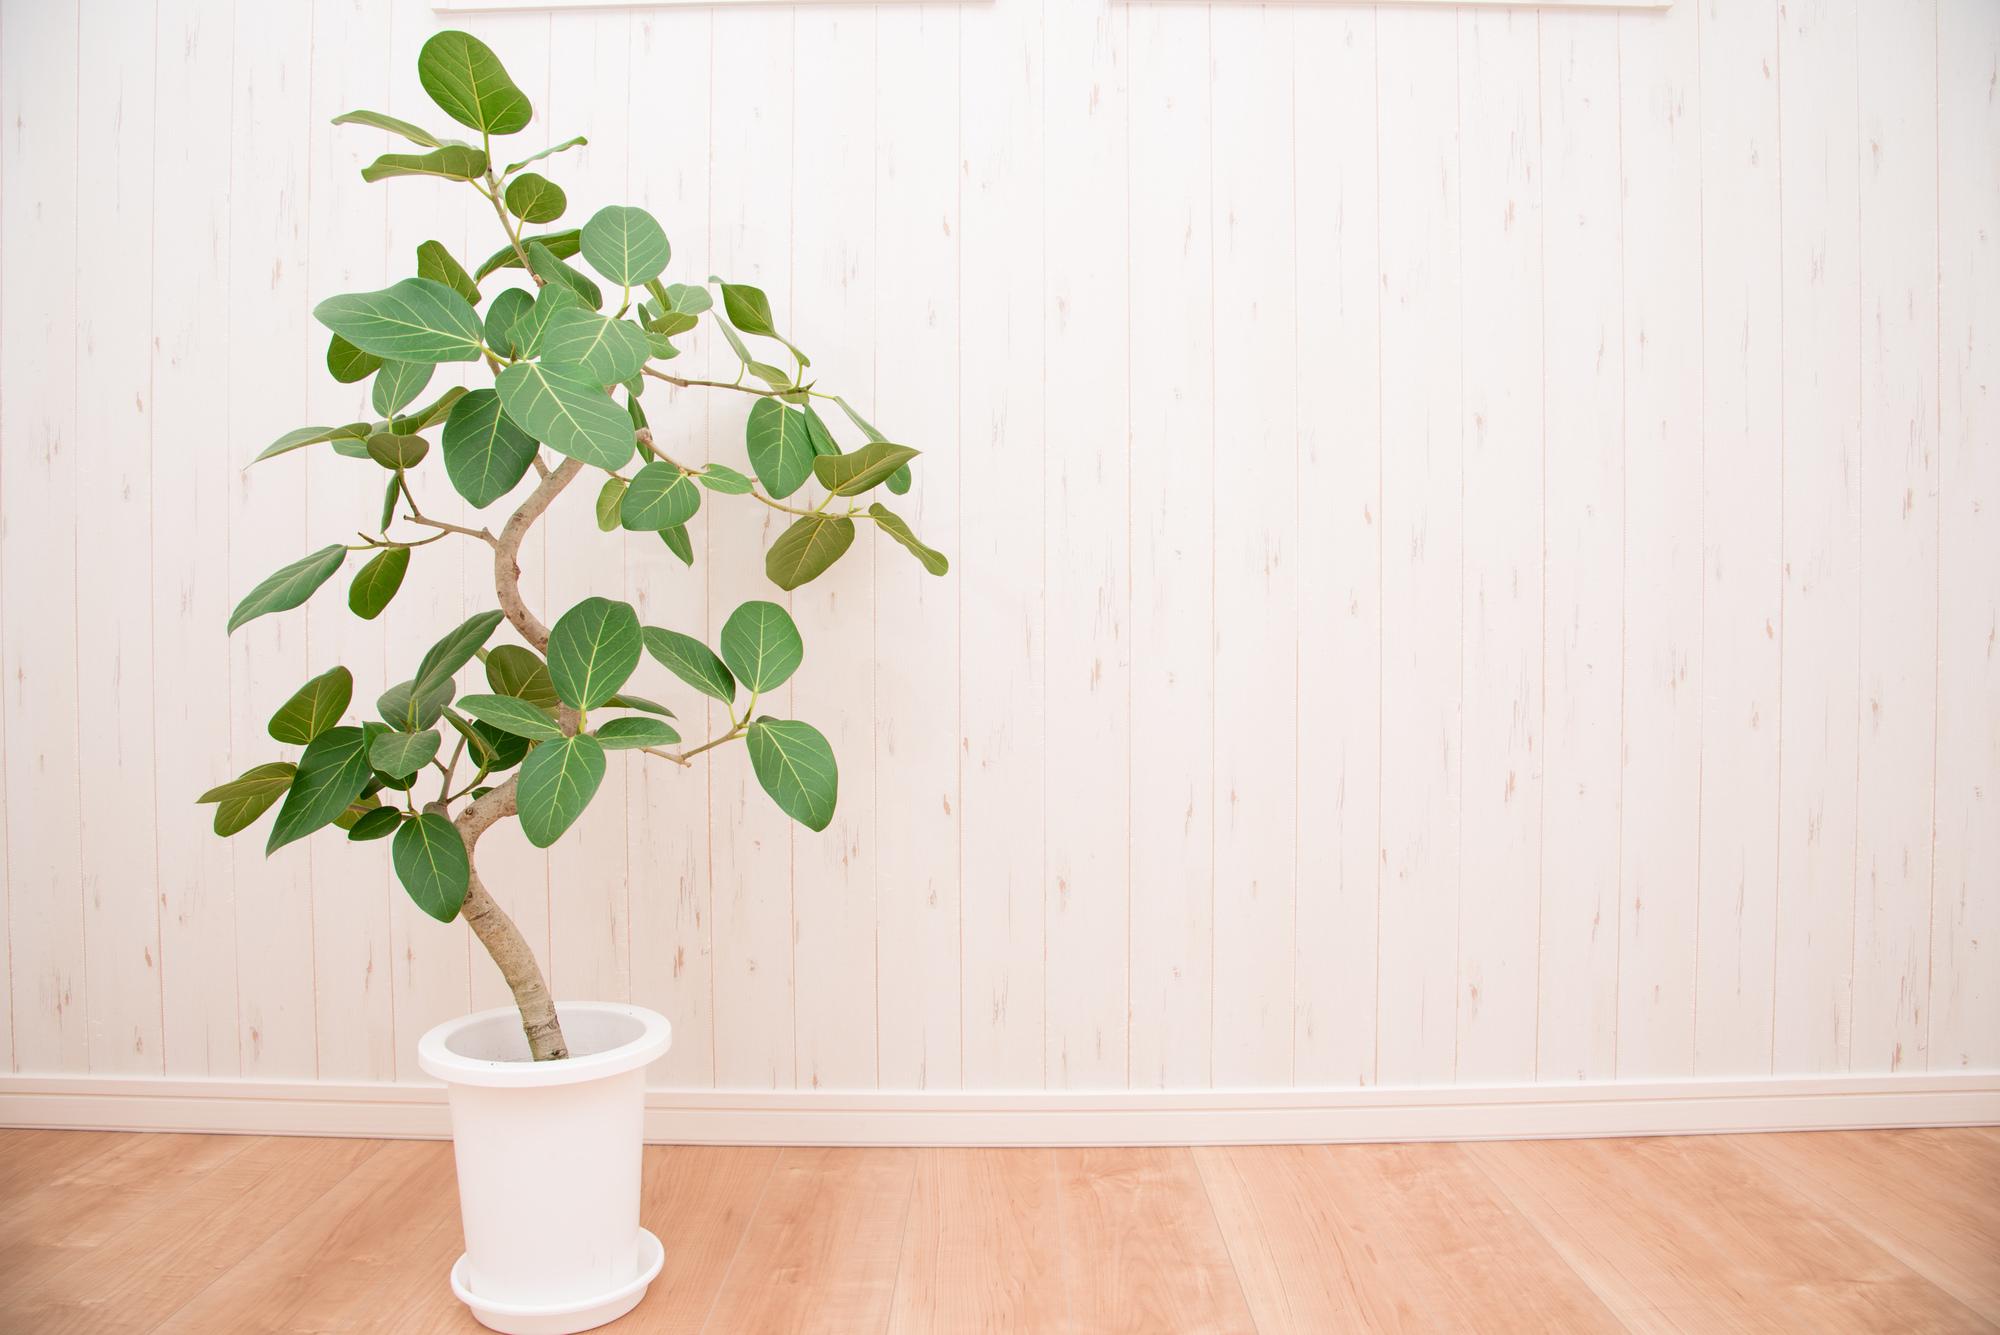 写真はゴムの木の種類の一つ「フィカス・ベンガレンシス」。とても人気の観葉植物です。